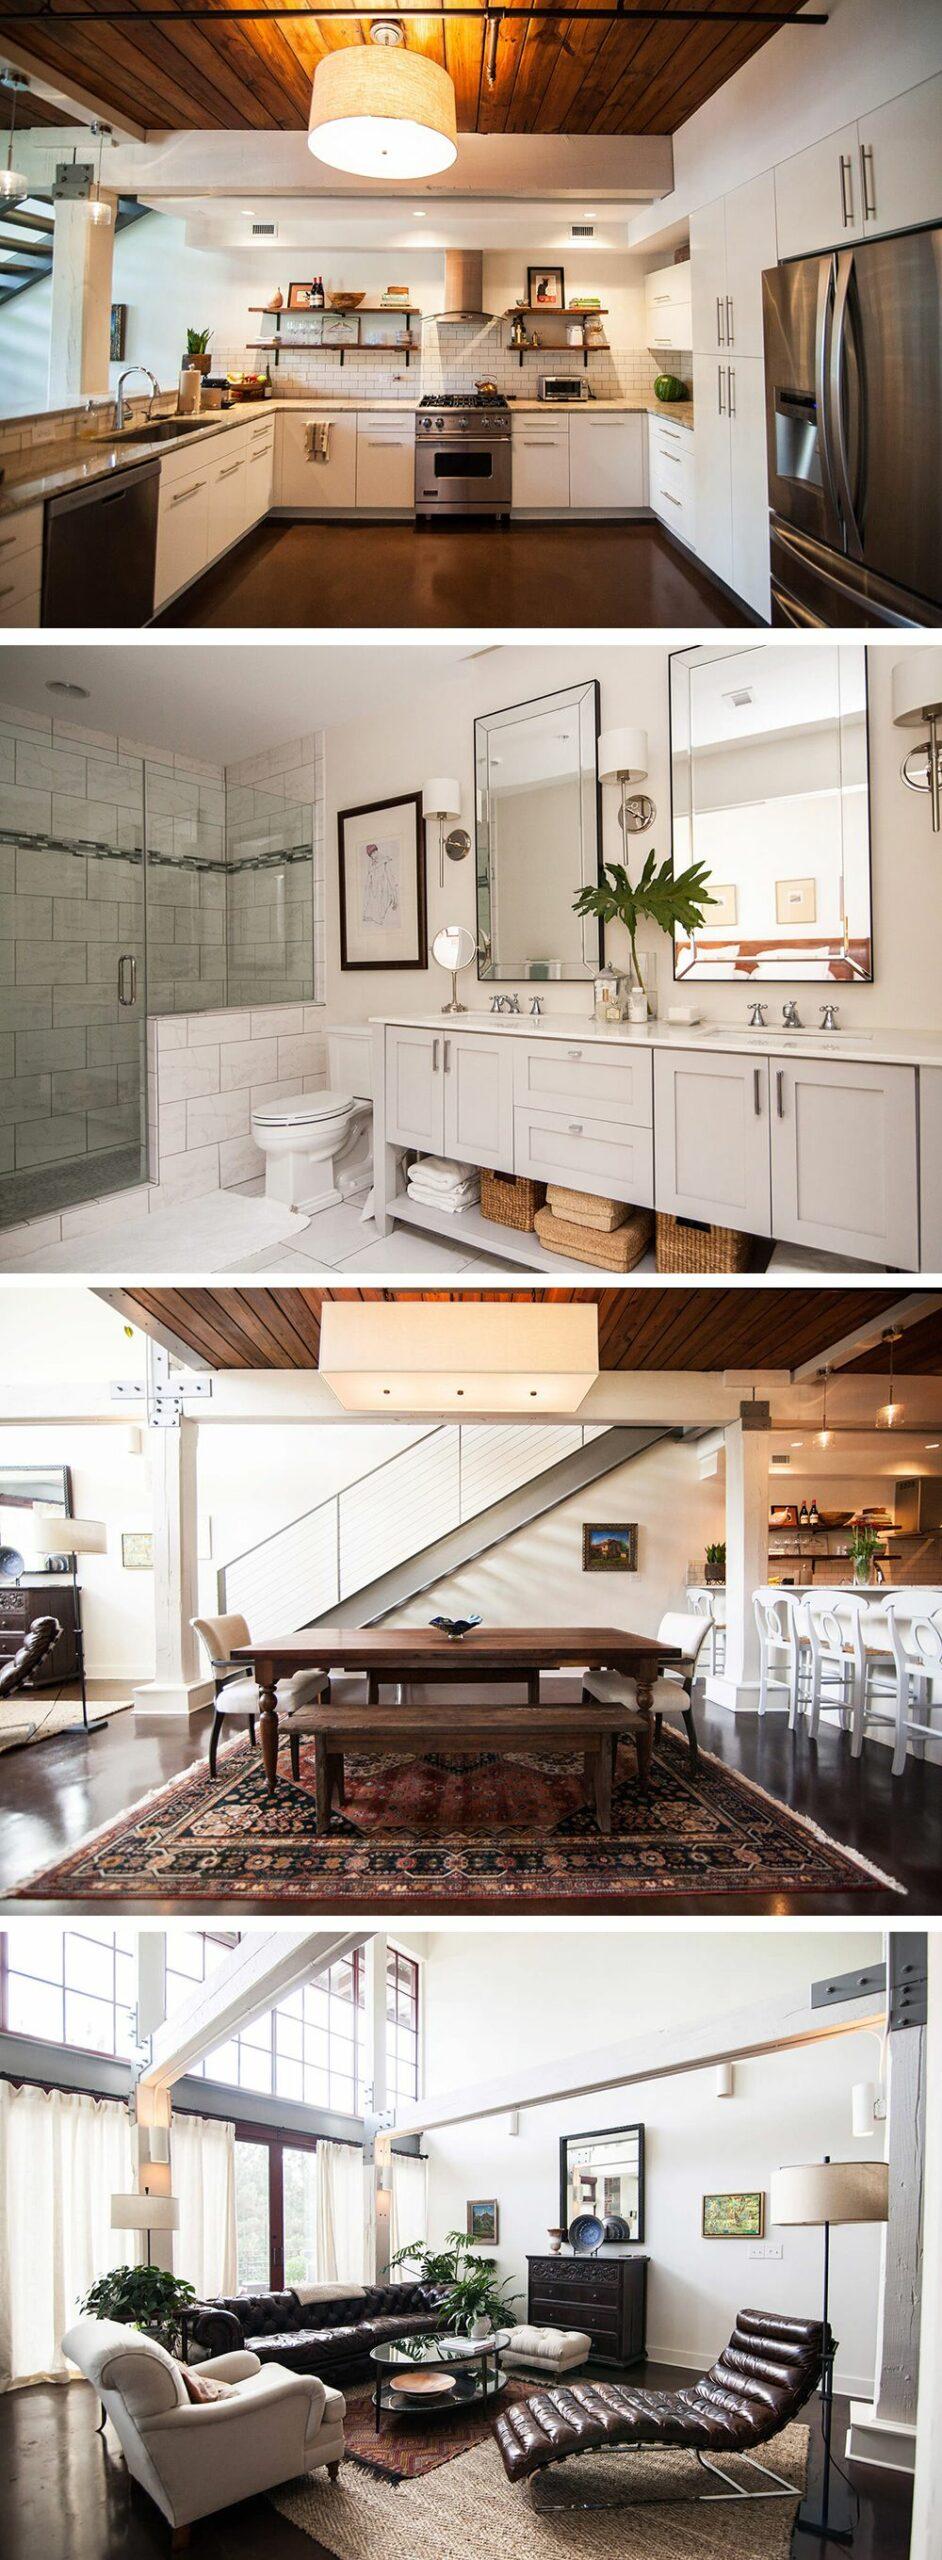 Beautiful Kitchens And Baths Magazine